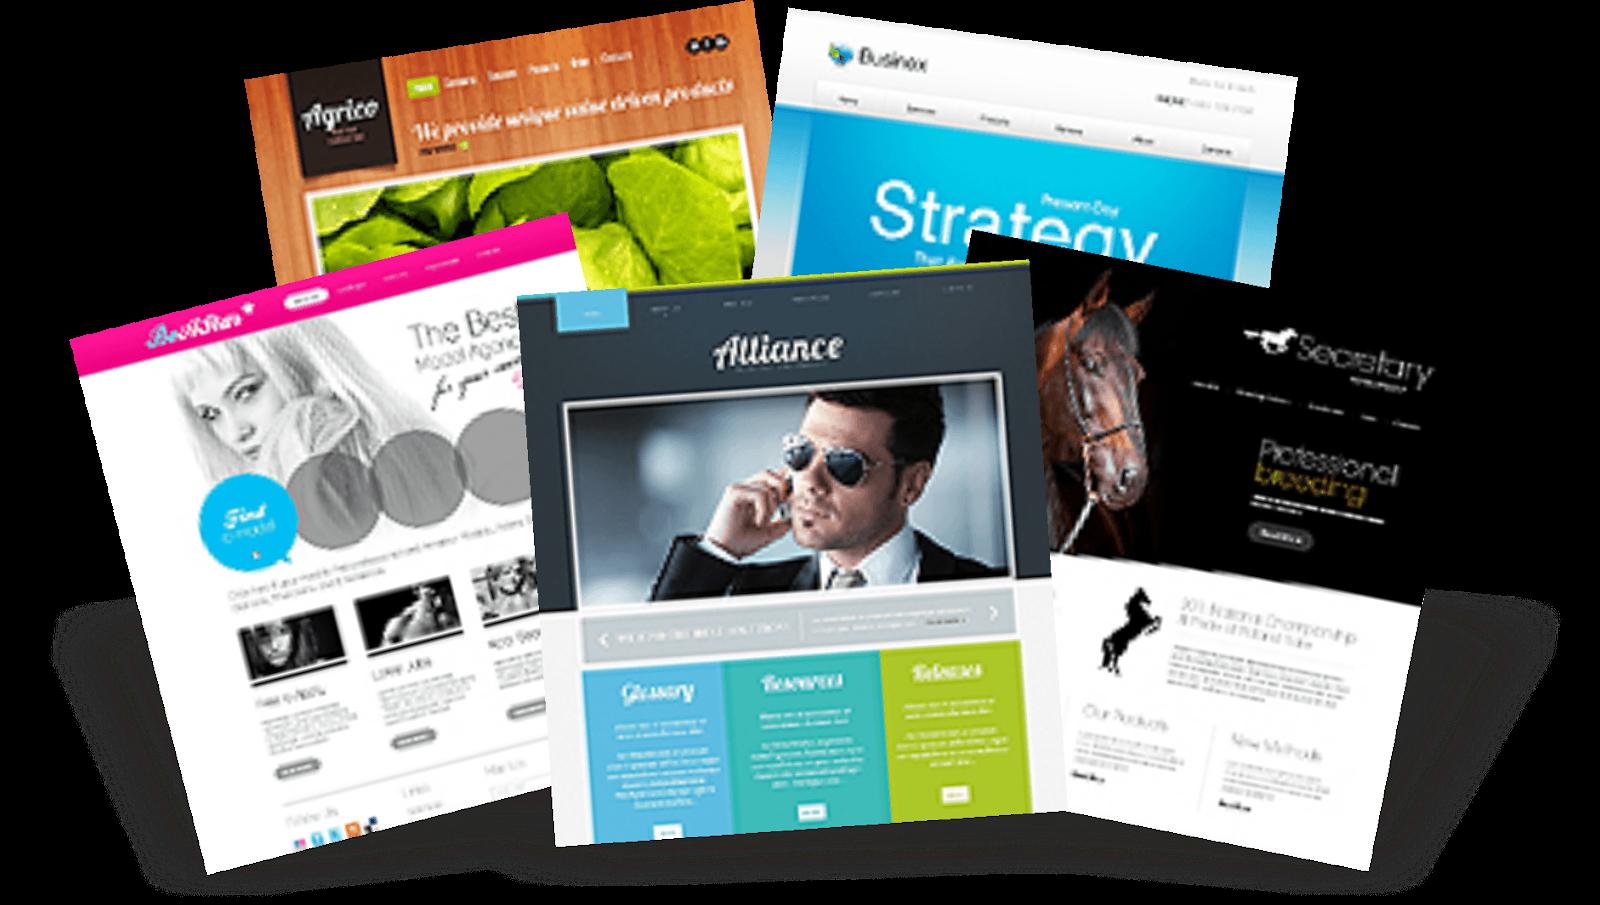 empresas de seo y web